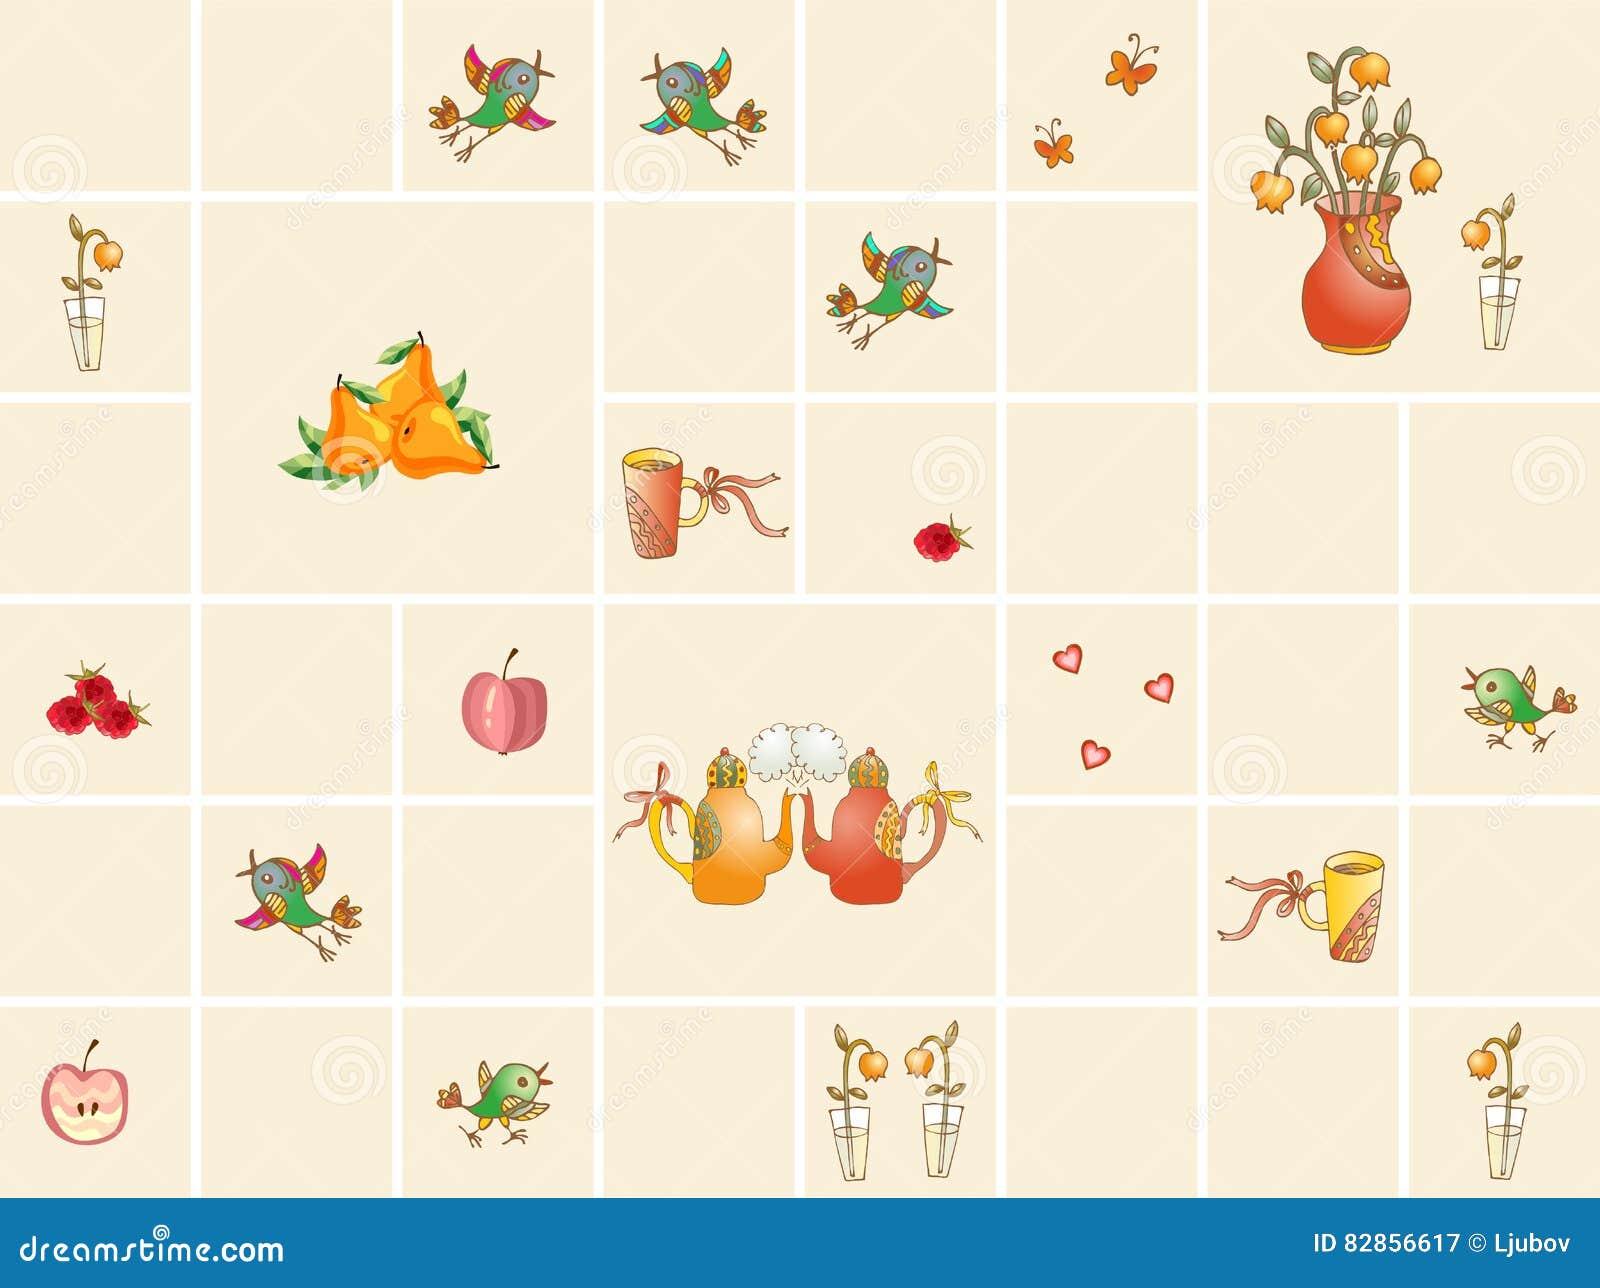 Keukentegels Met Afbeeldingen : Inzameling Van Ceramische Keukentegels Met Theepotten